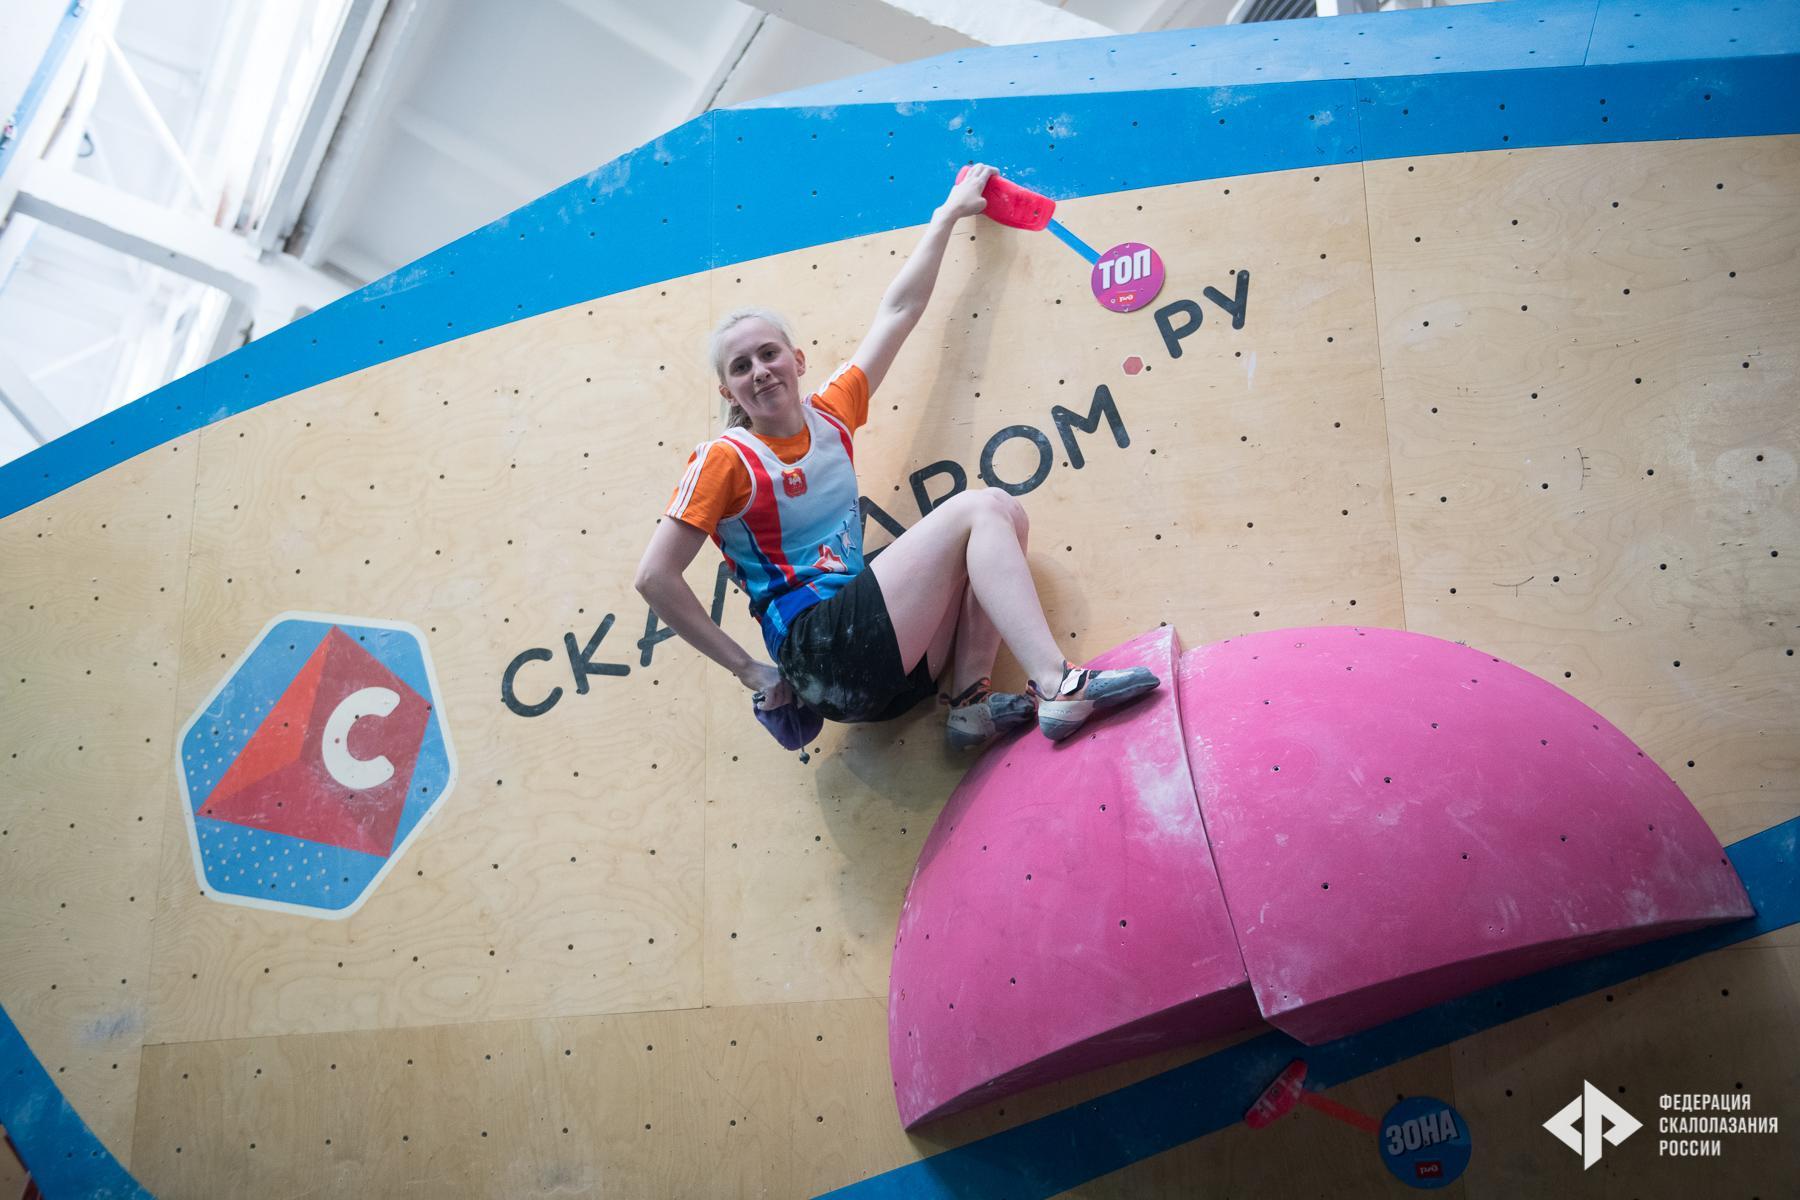 В Одинцове завершились всероссийские соревнования по скалолазанию